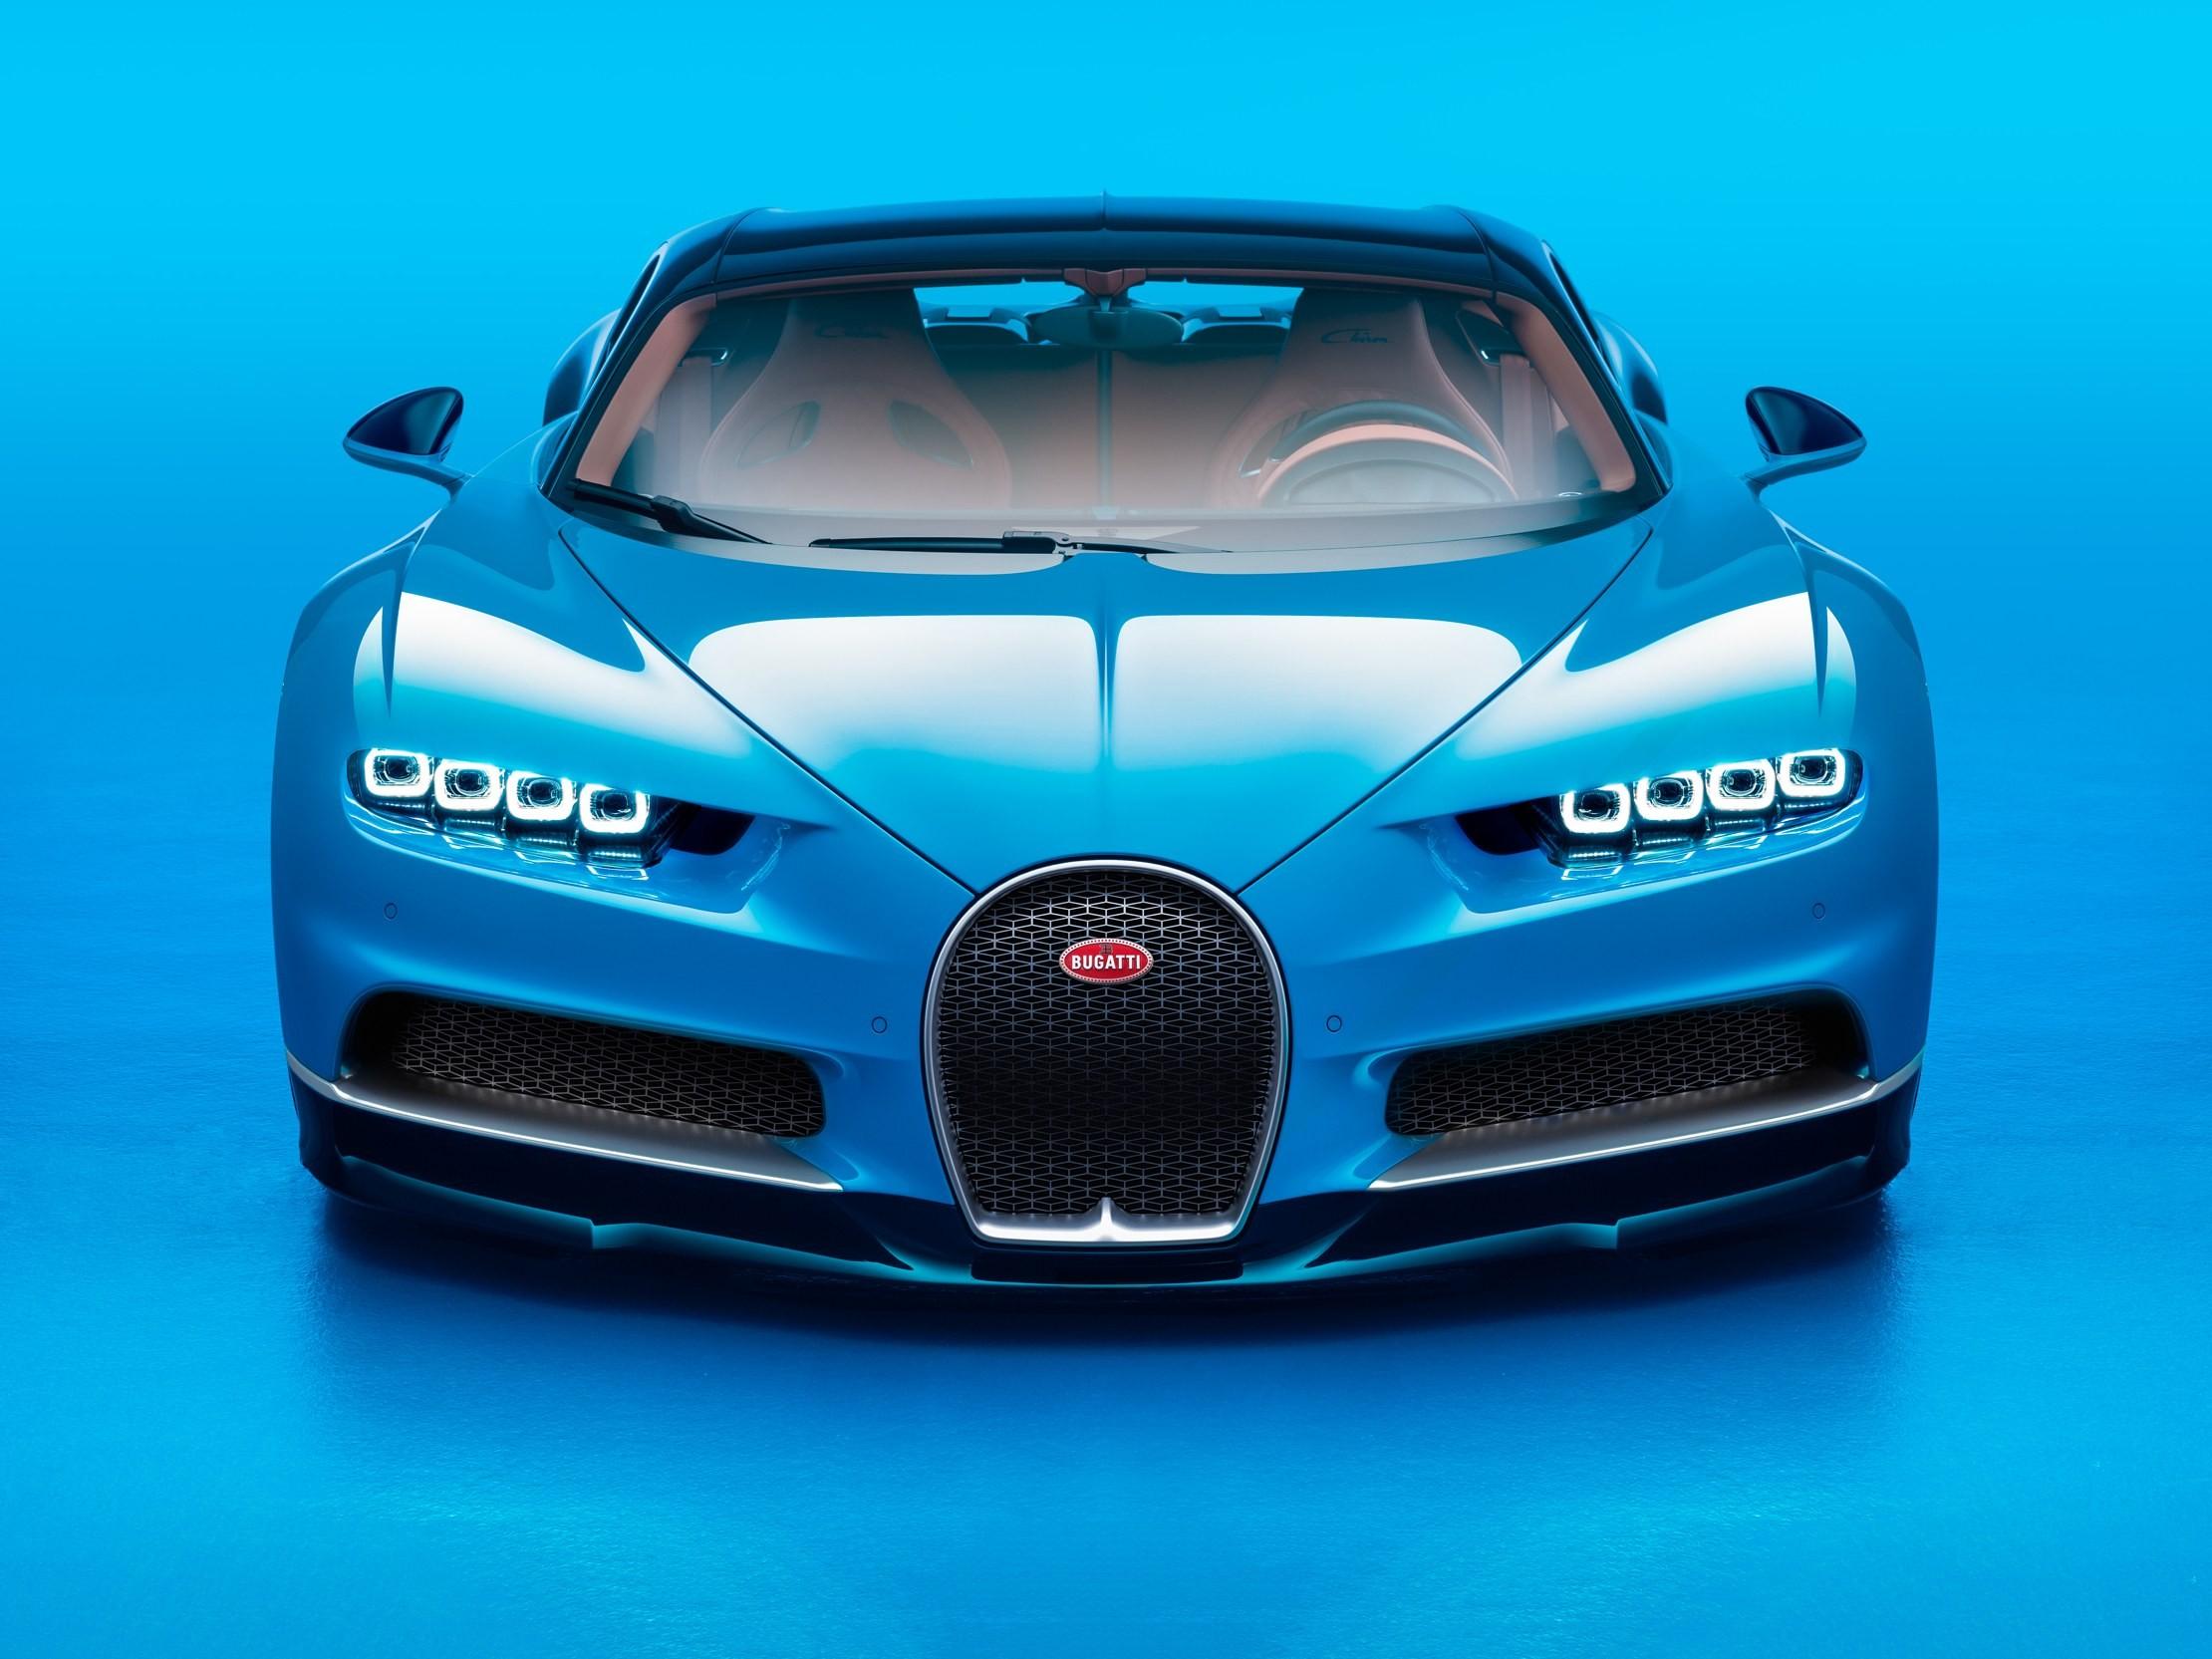 Bugatti W16 Engine Diagram Bugatti Veyron Engine embly – My ... on bugatti veyron watch winder, bugatti veyron v16 engine, bugatti veyron new model, bugatti eb110 vs veyron bugatti, bugatti veyron super sport engine, bugatti veyron horsepower and torque, bugatti eb110 super sport, bugatti veyron with open engine, bugatti w16 piston arrangement, bugatti 16 cylinder engine, bugatti engine type, bugatti w16 engine block, bugatti veyron motor, bugatti w12 engine, bugatti 2014 inside the engine,